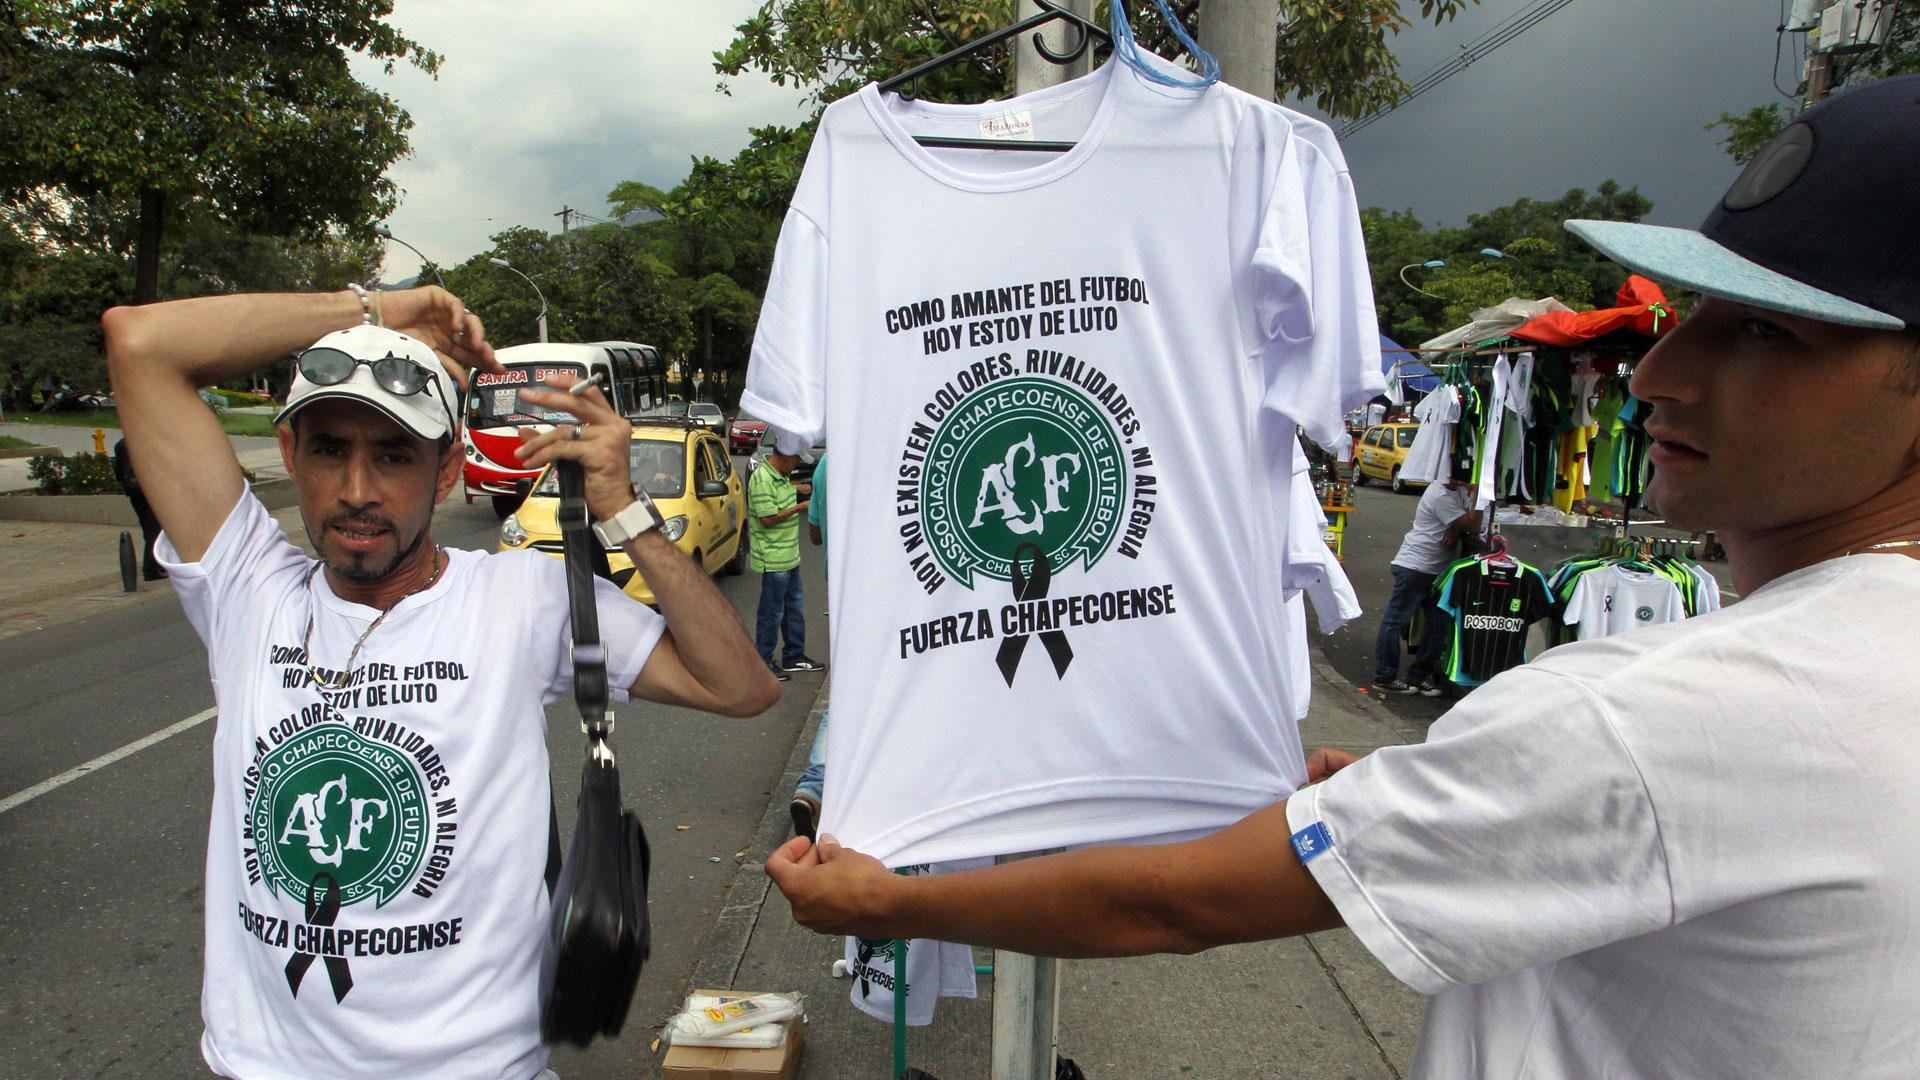 En las inmediaciones del estadio colombiano se venden camisetas recordando a los jugadores